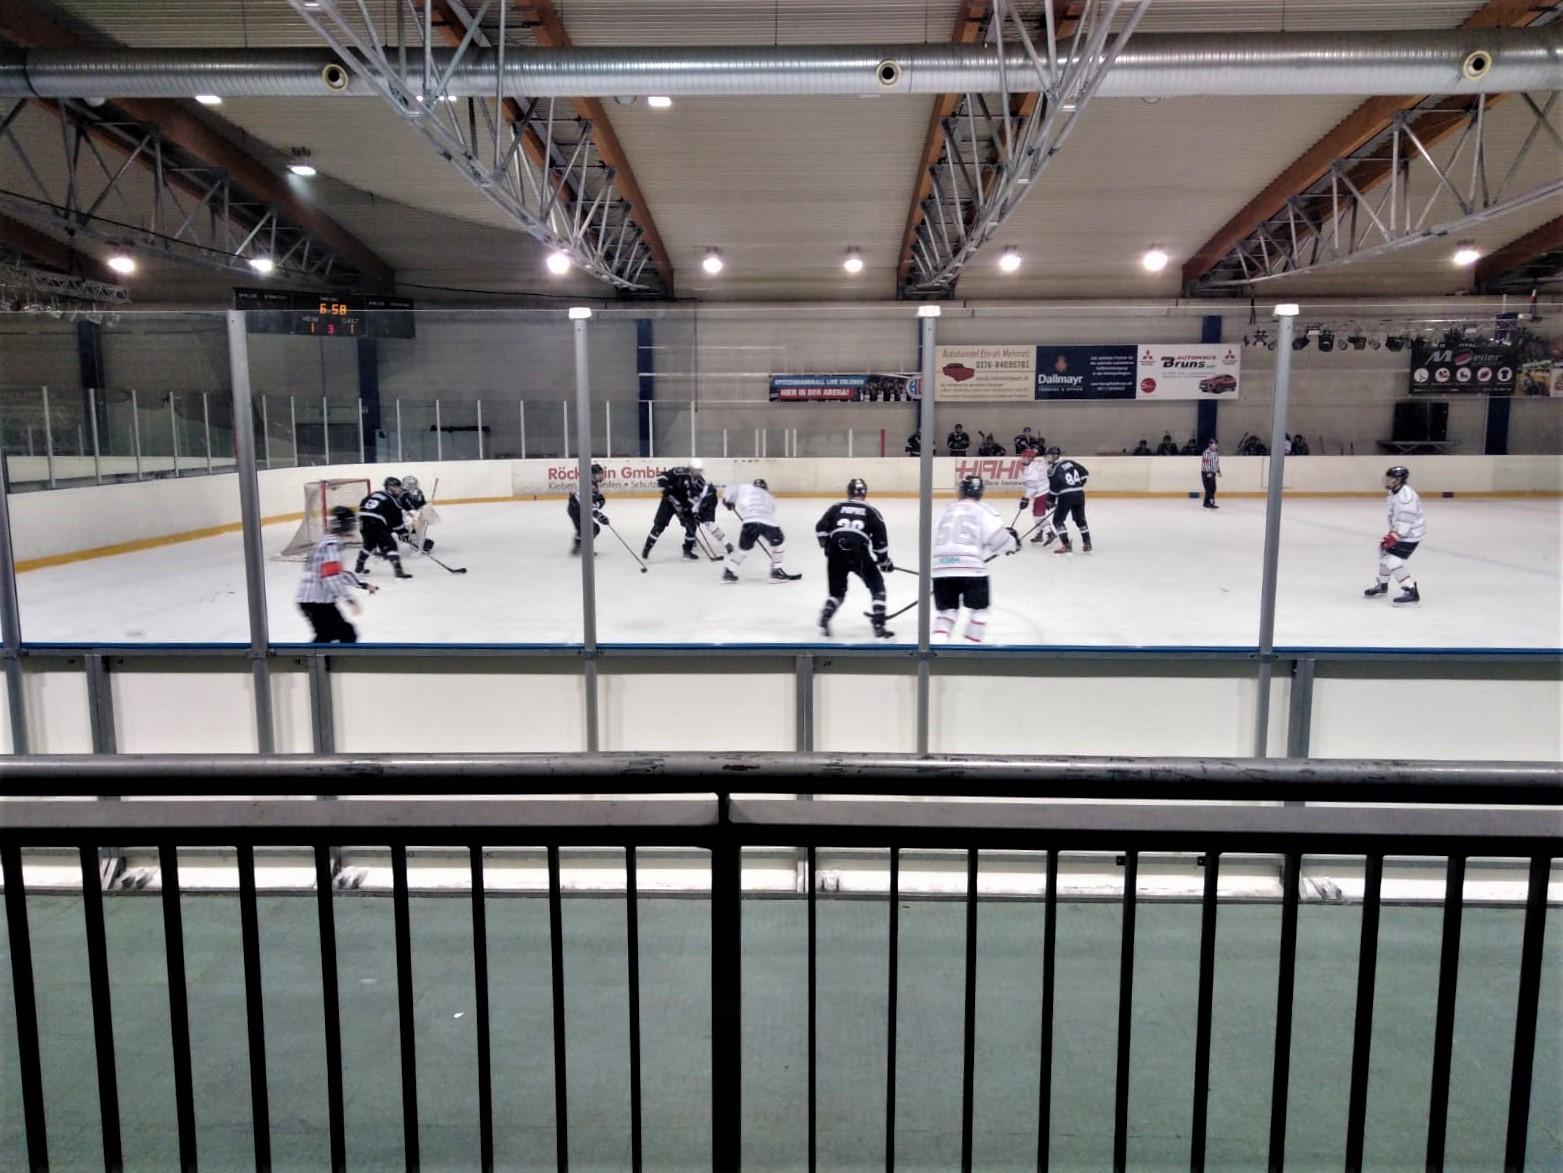 vs White Bucks Hockey 2 - 16022020 (1)